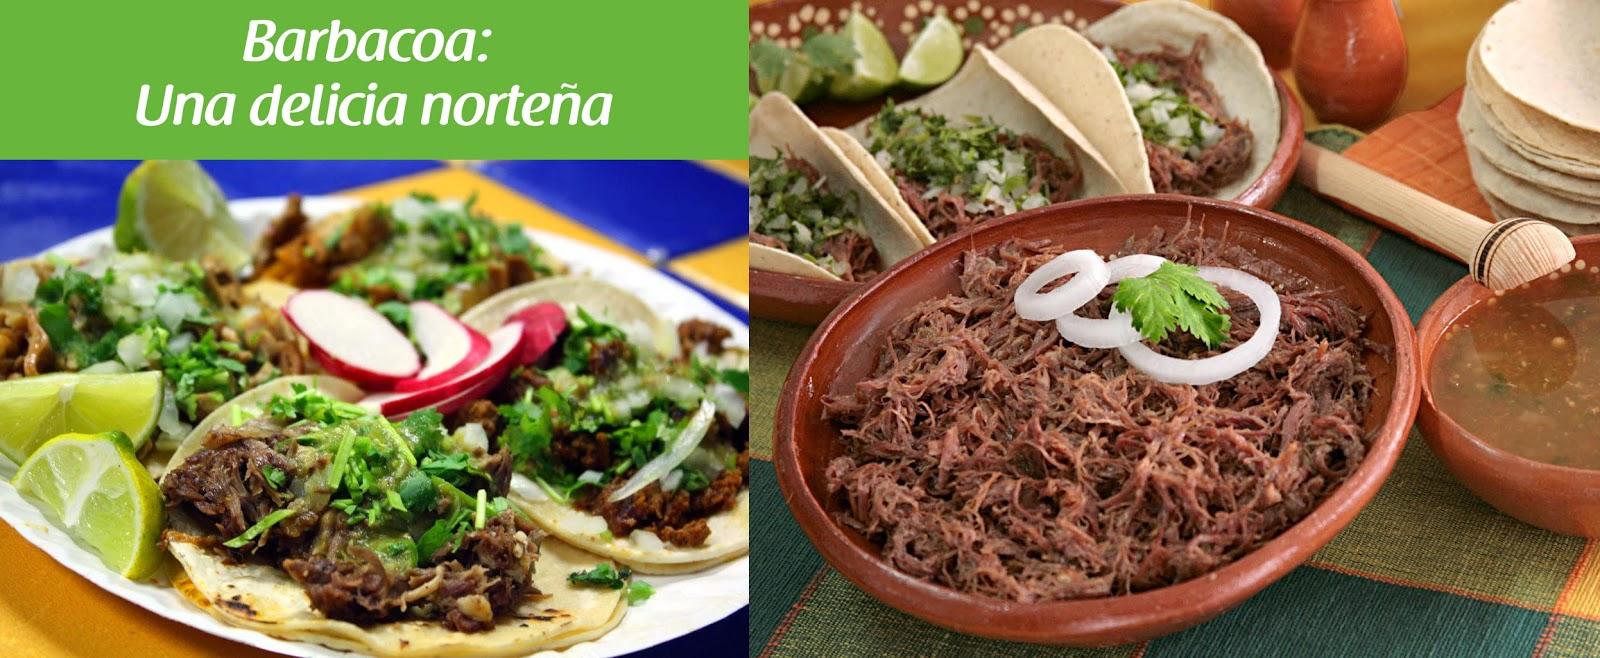 Inmobiliaria meseta el fraile barbacoa una delicia norte a for Ingredientes para preparar barbacoa